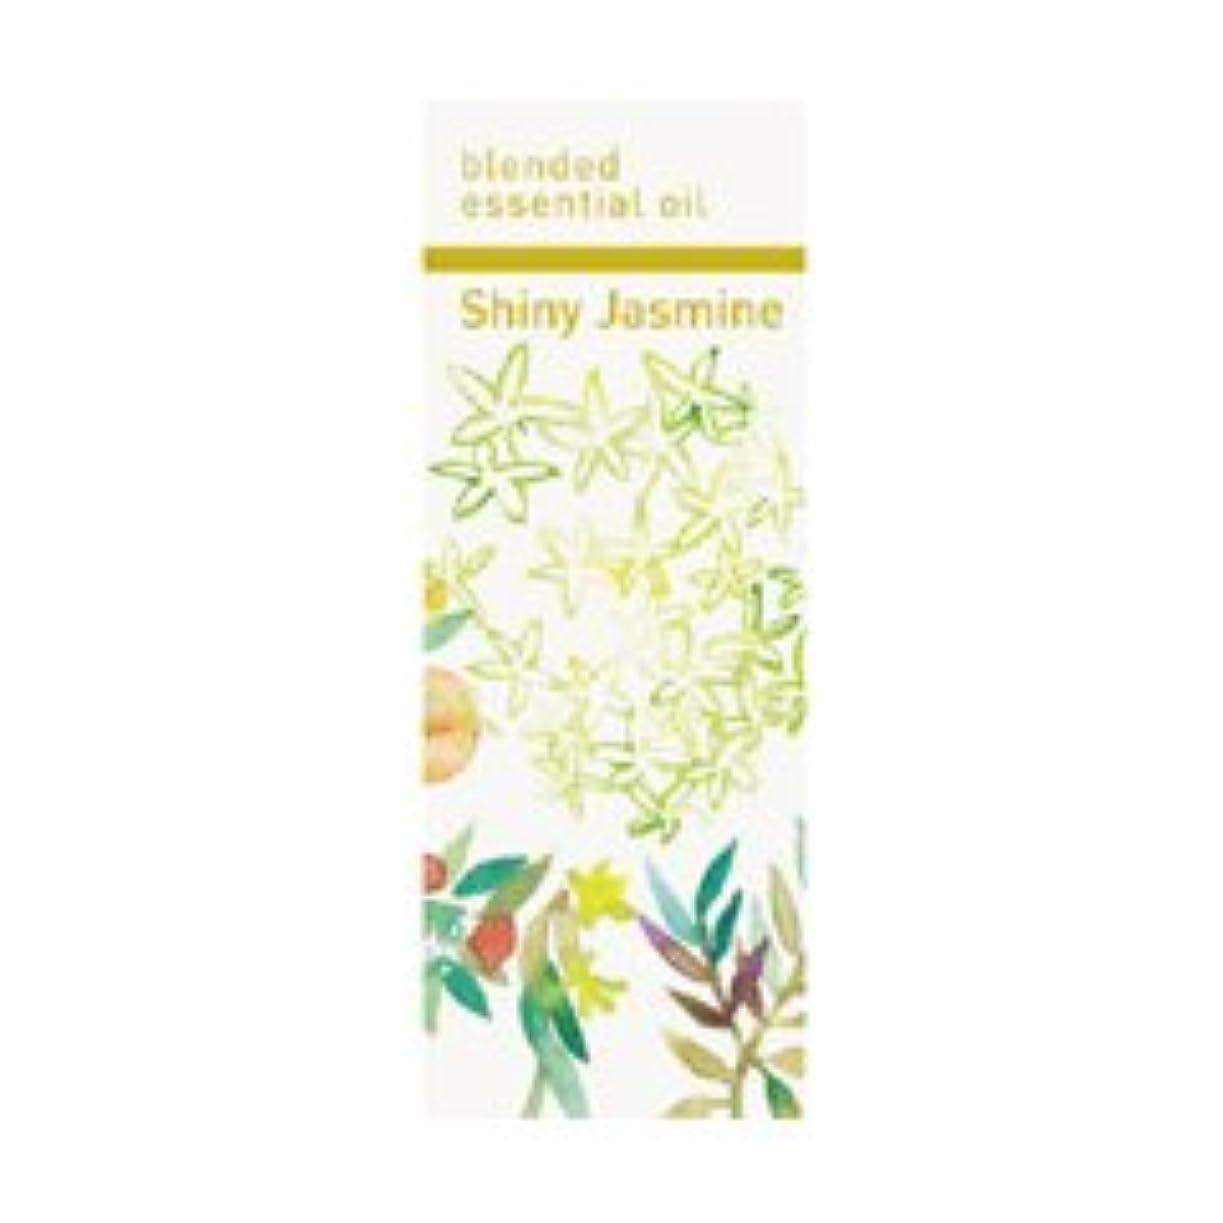 平衡飼料ジェット生活の木 ブレンドエッセンシャルオイル シャイニージャスミン [30ml] エッセンシャルオイル/精油